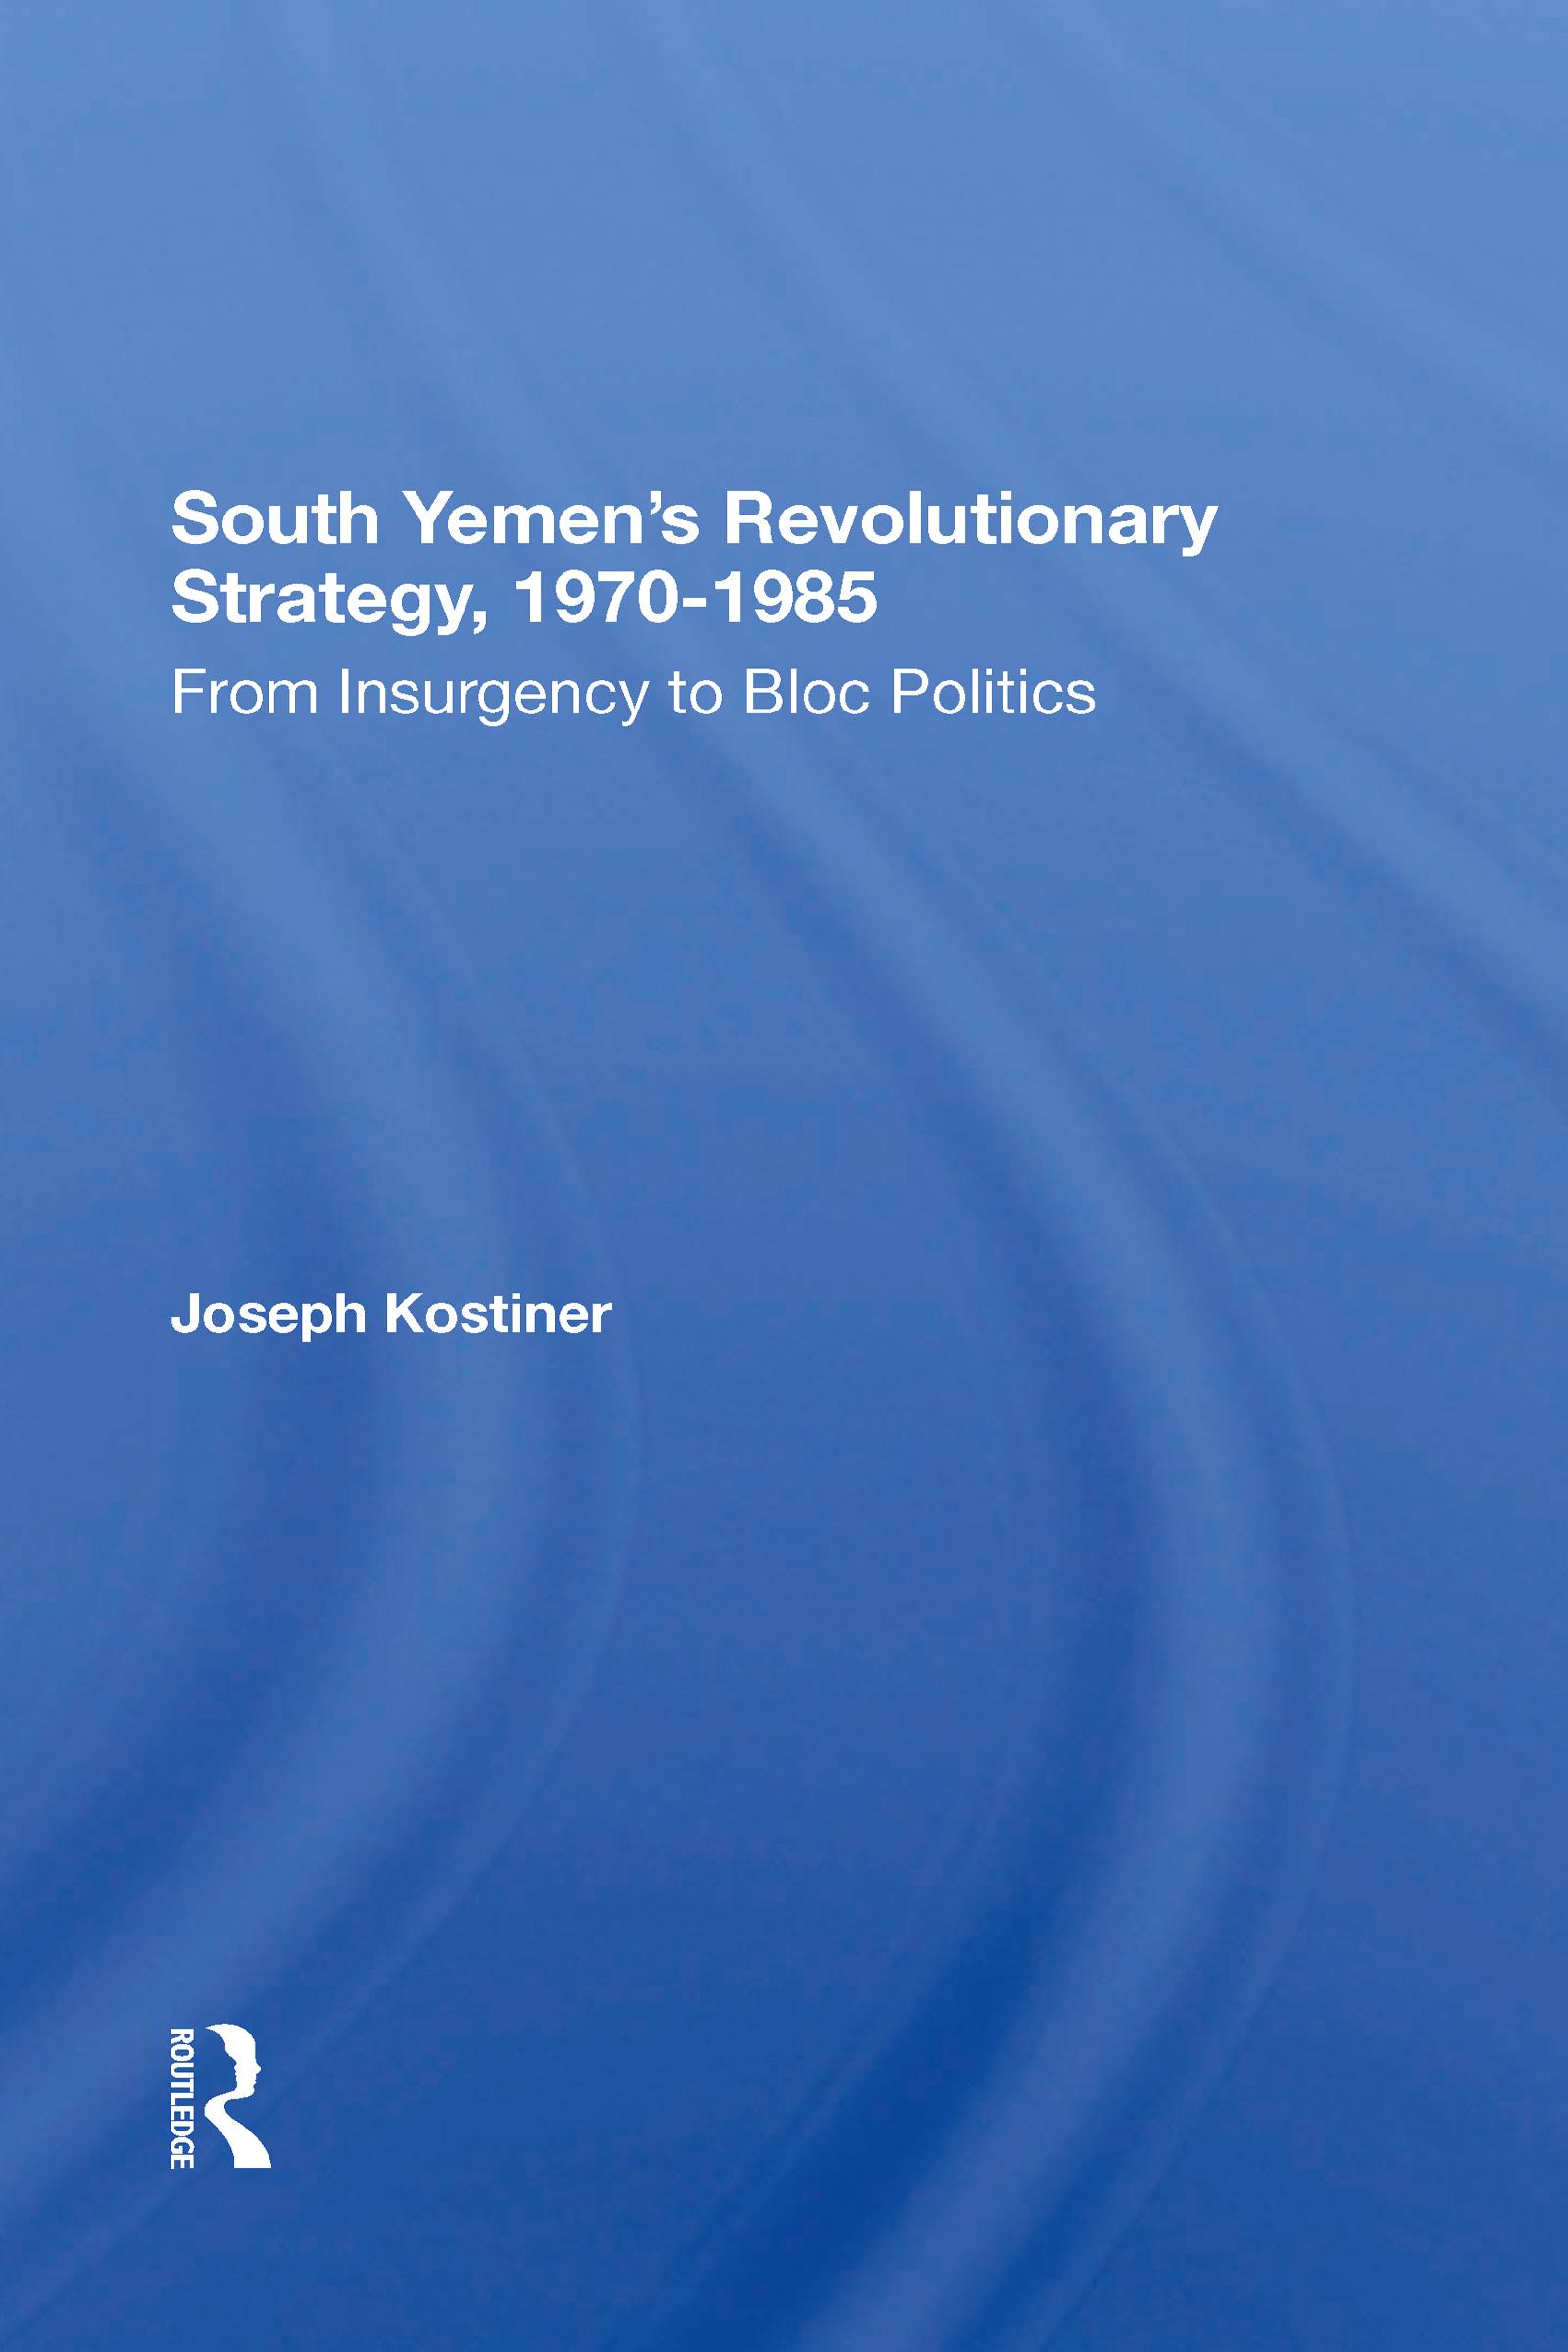 South Yemen's Revolutionary Strategy, 1970-1985